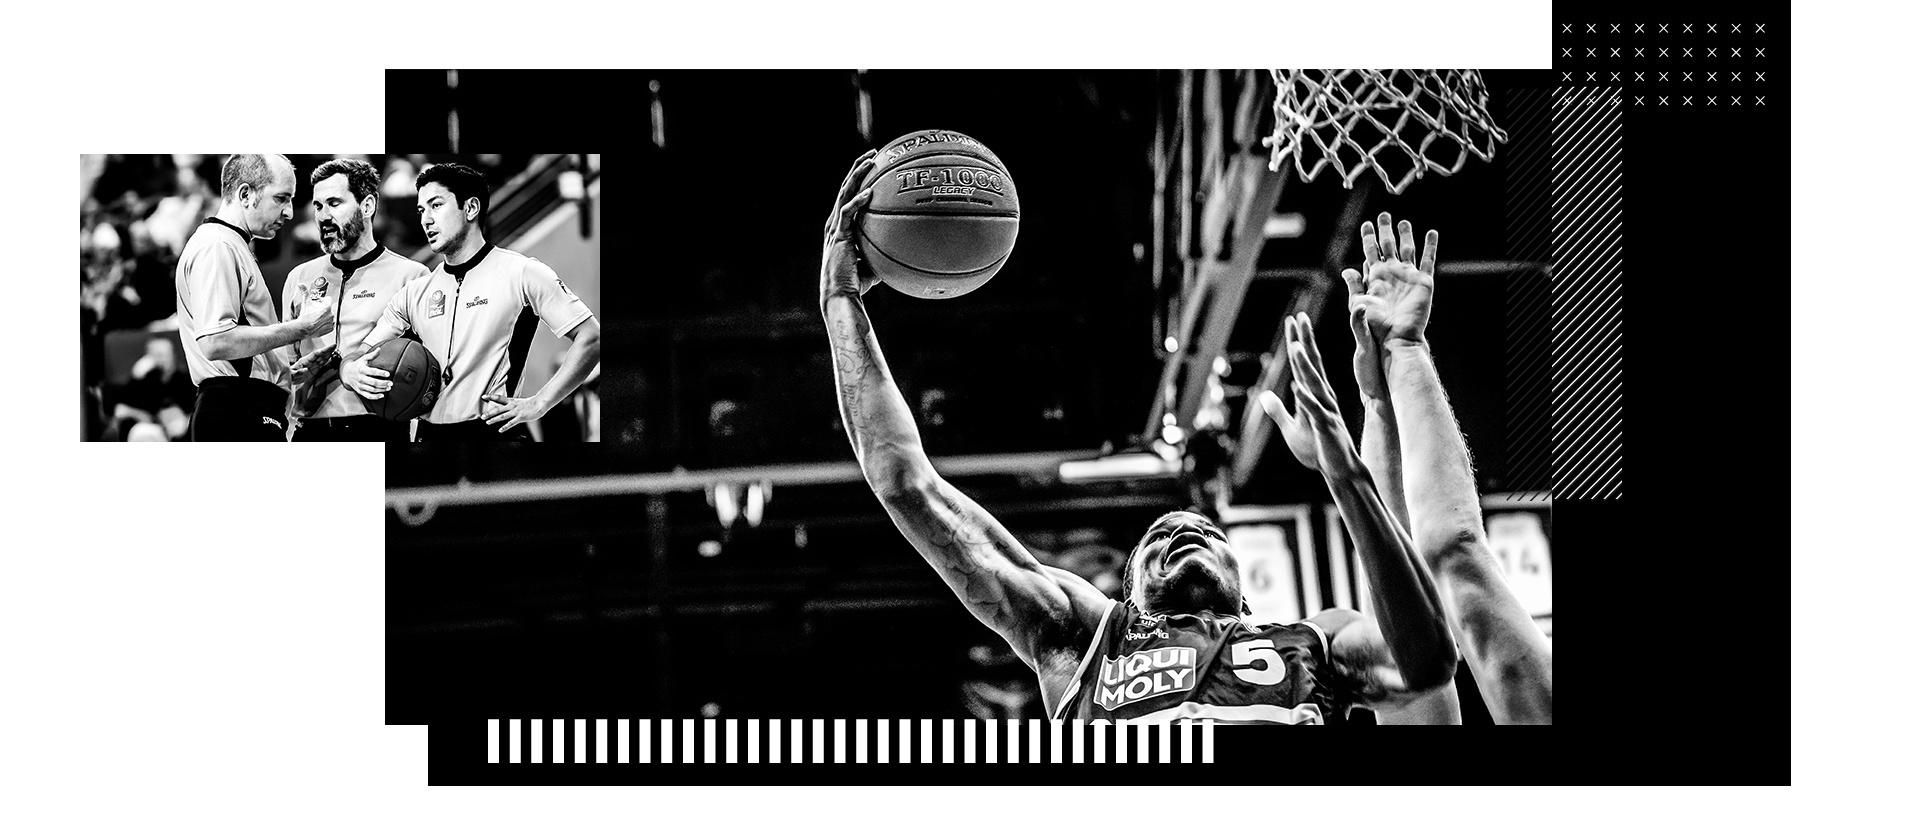 Spalding Basketbälle und Team Aparrel